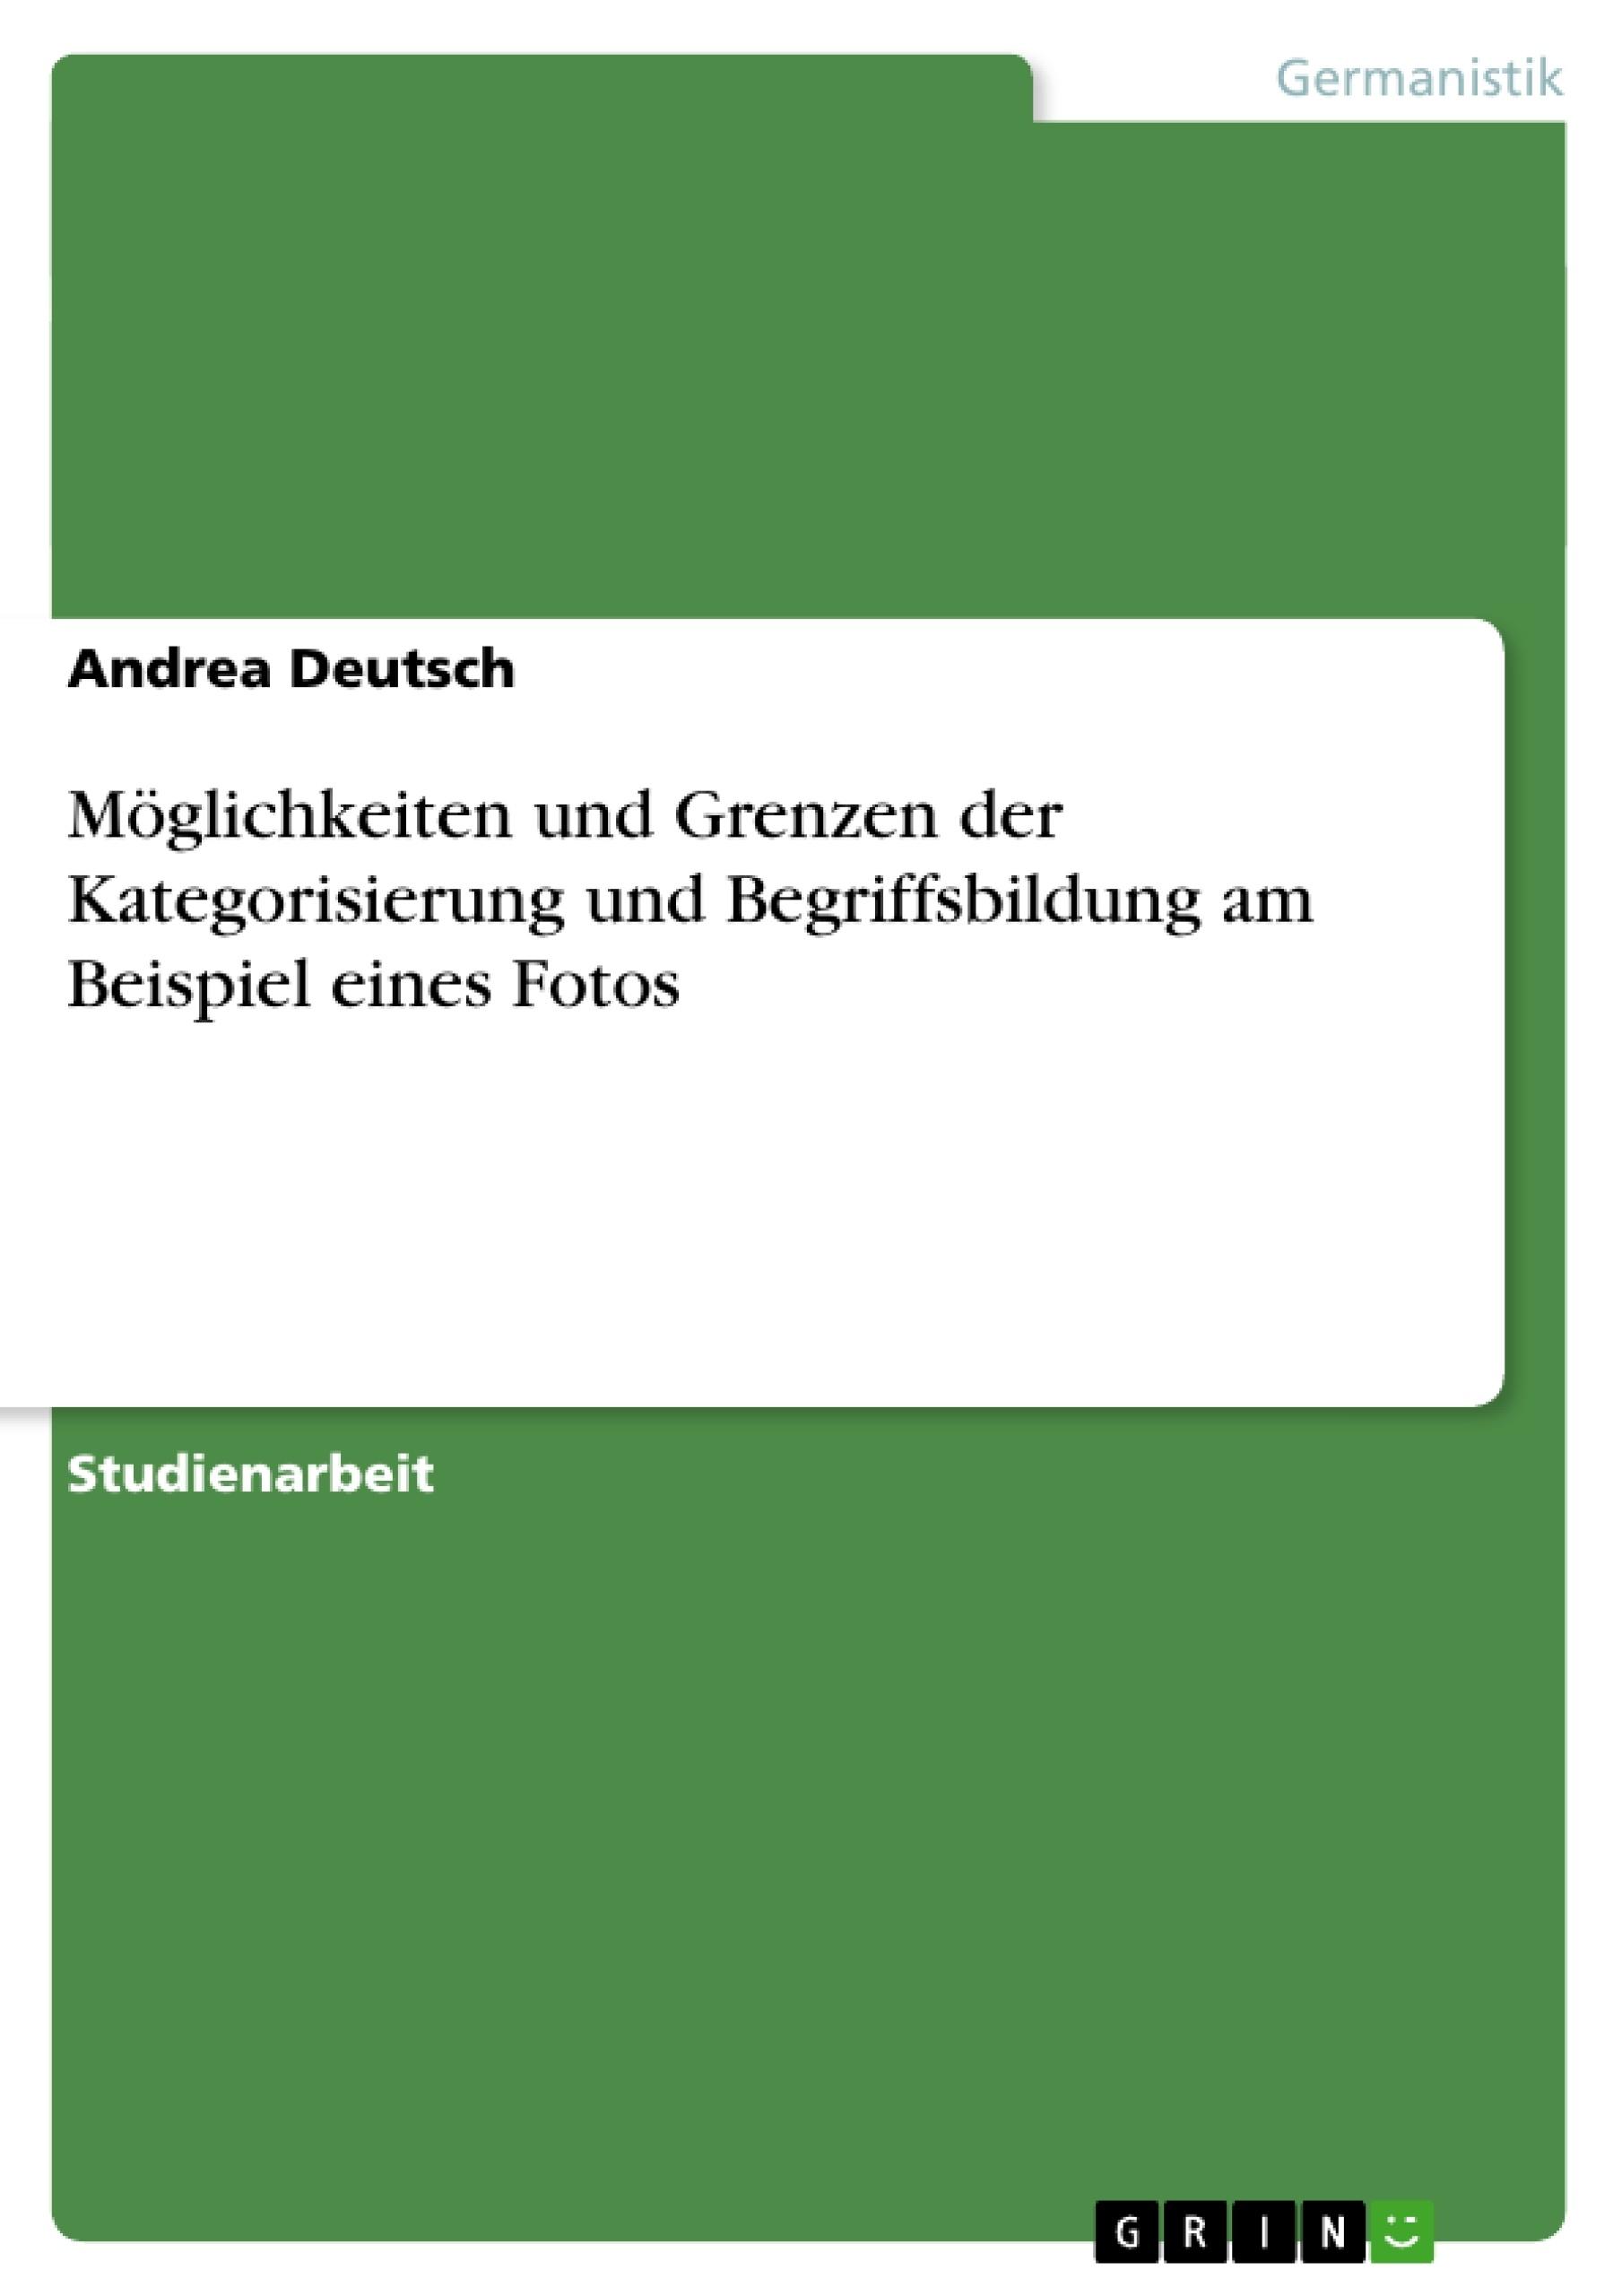 Titel: Möglichkeiten und Grenzen der Kategorisierung und Begriffsbildung am Beispiel eines Fotos